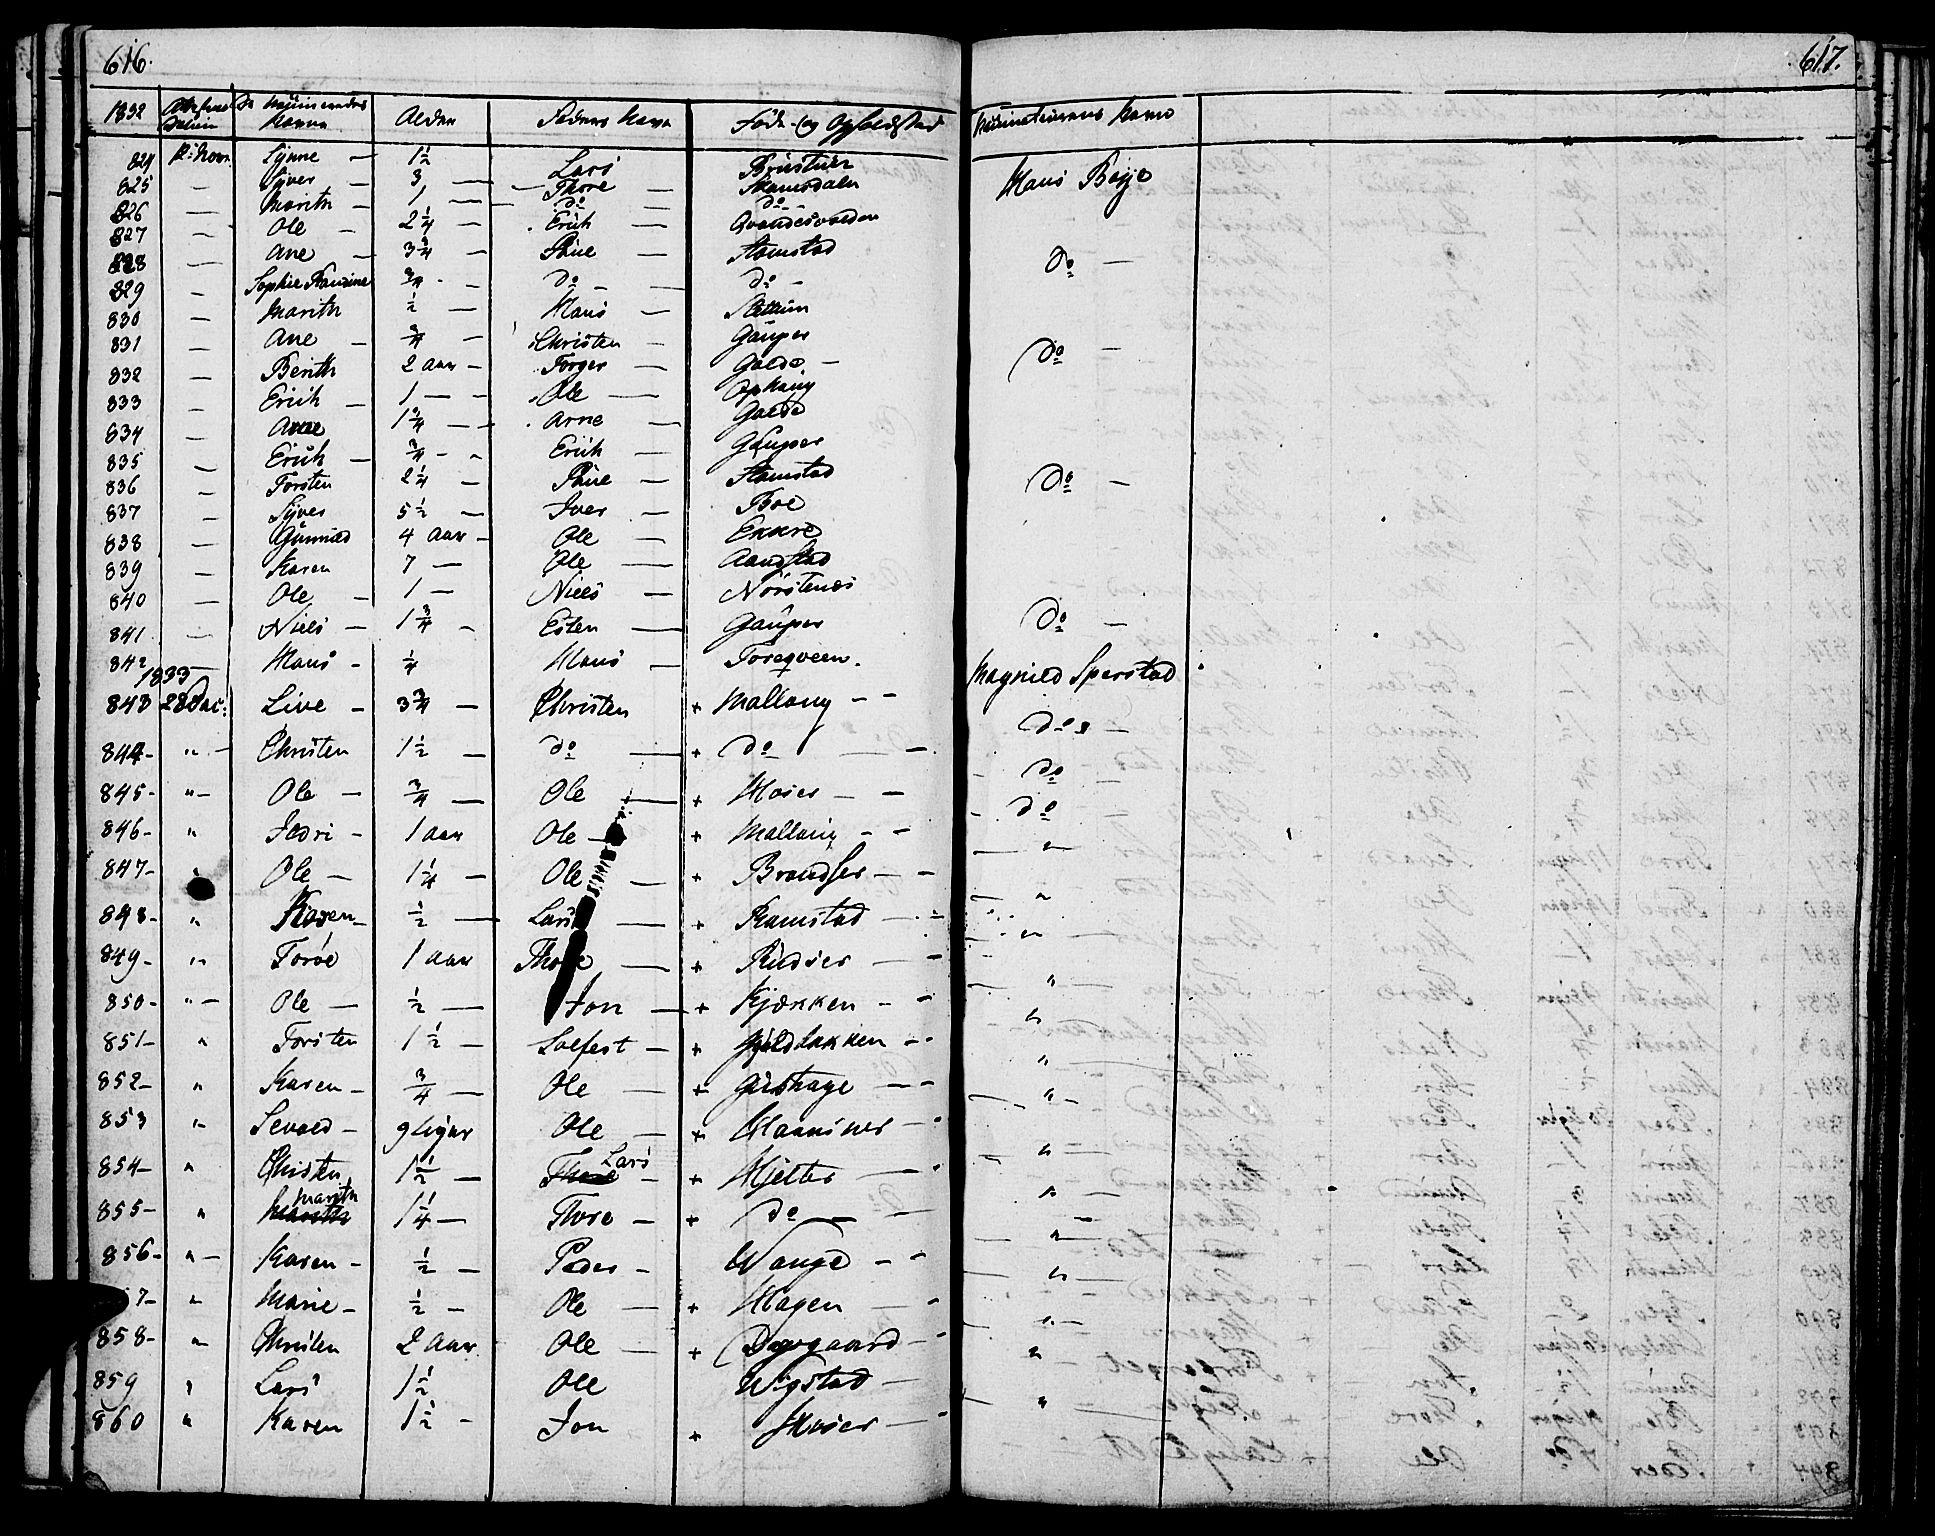 SAH, Lom prestekontor, K/L0005: Ministerialbok nr. 5, 1825-1837, s. 616-617